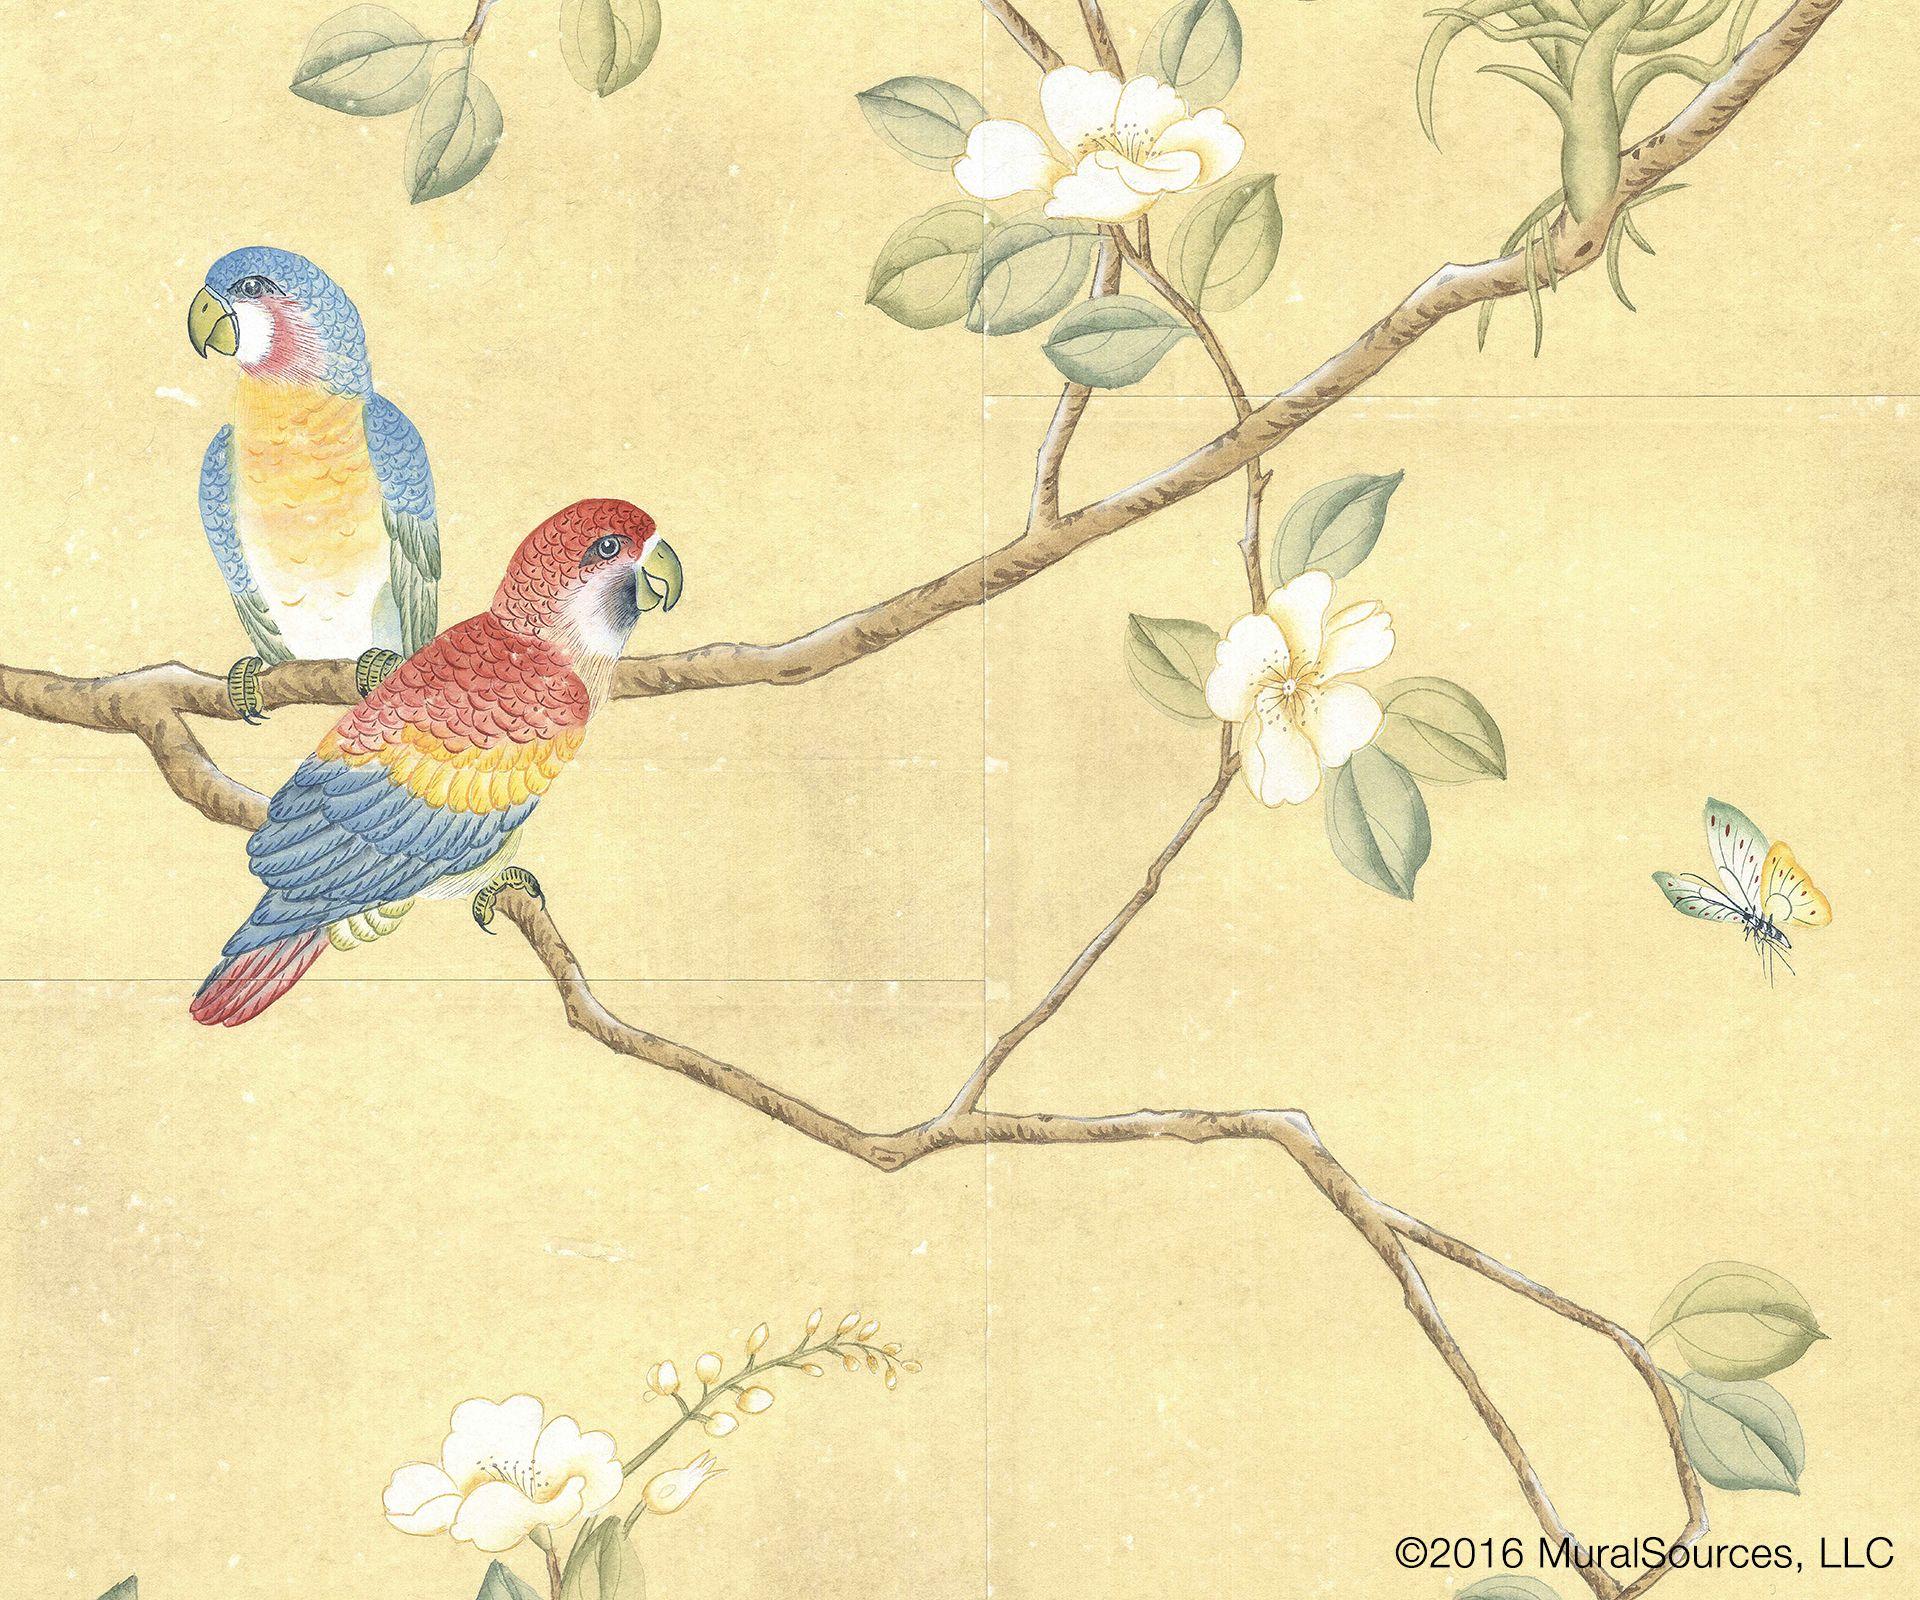 Best mural wallpaper www.muralsources.com | Compras | Pinterest ...